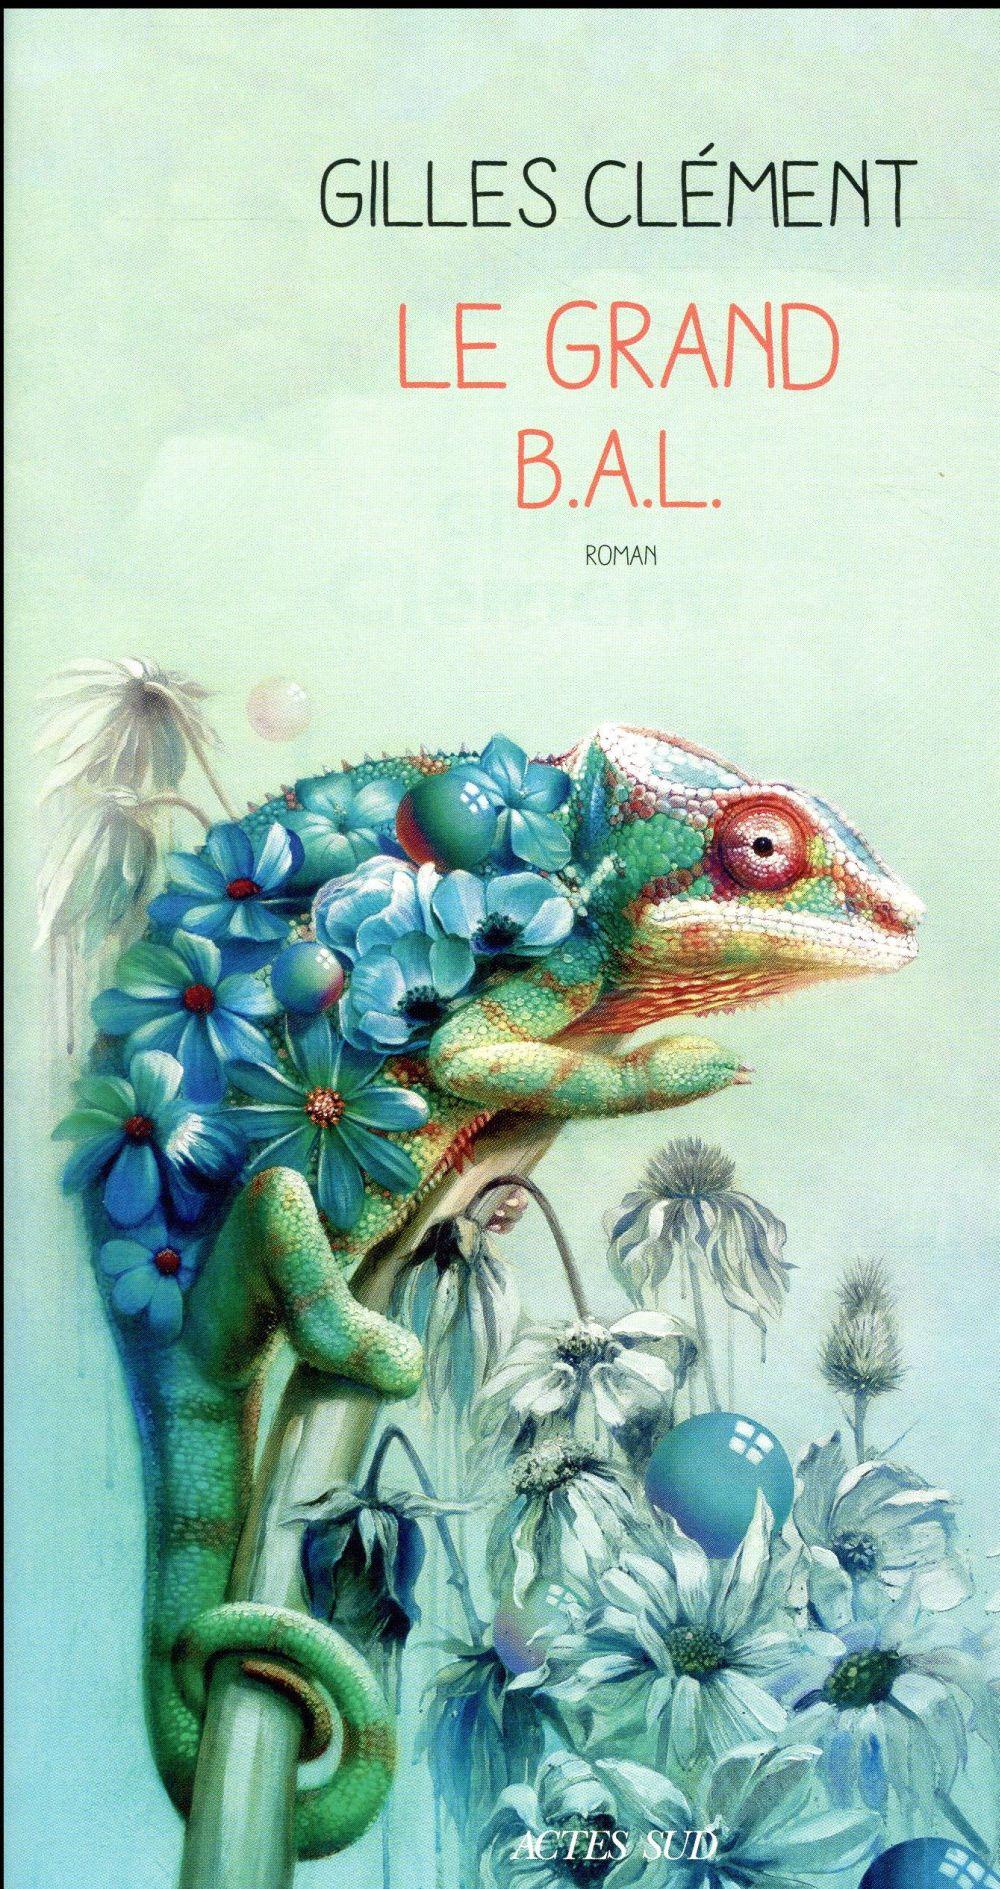 LE GRAND B.A.L.